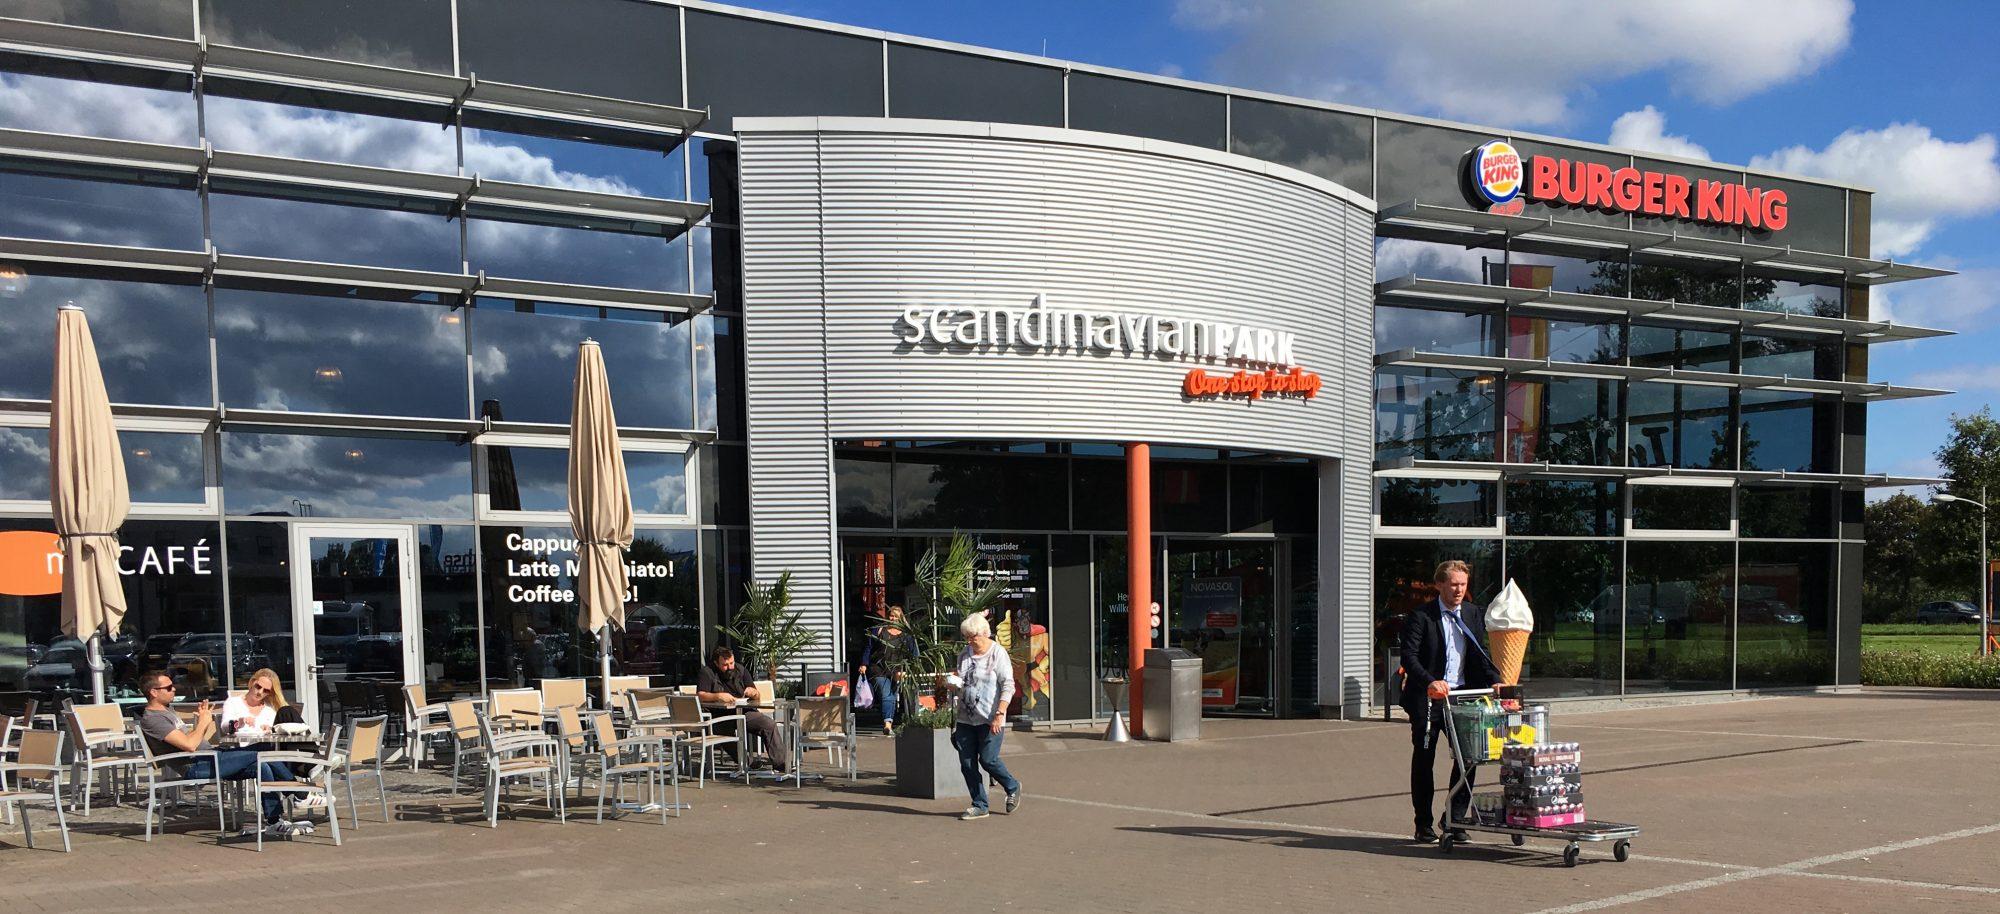 Kjøpesenter løkken danmark